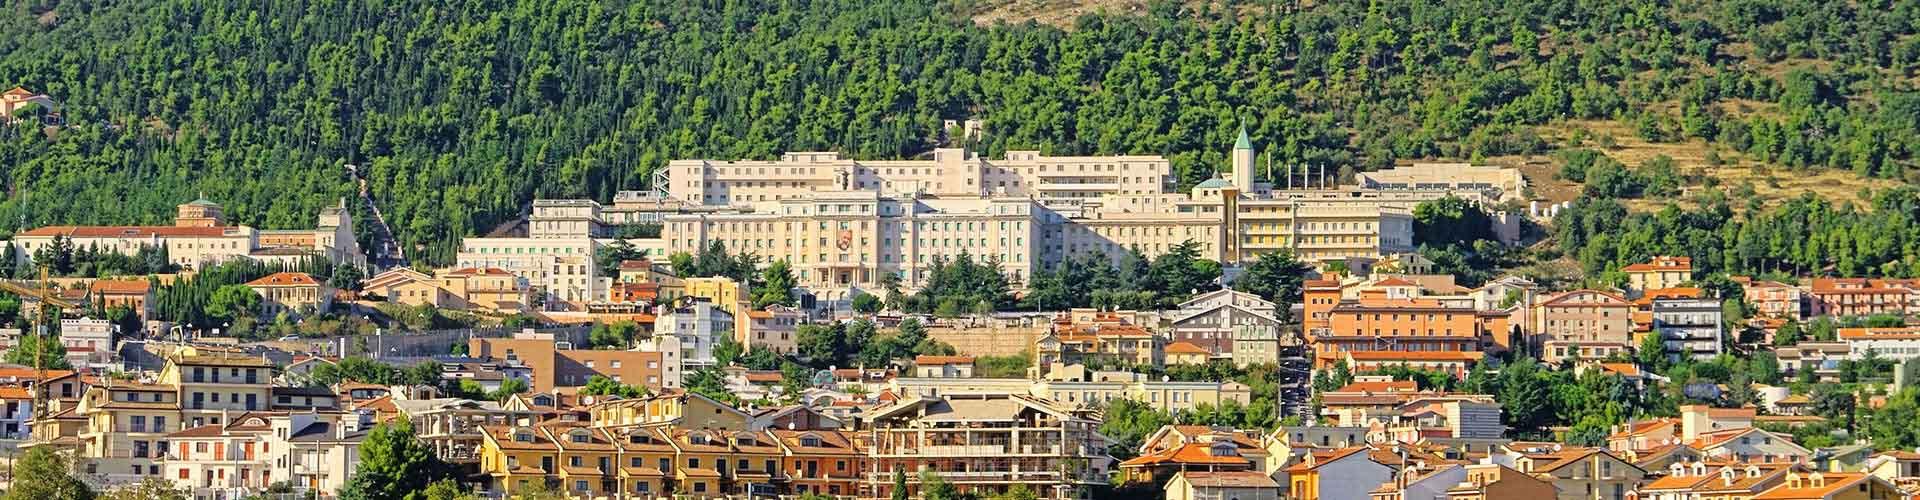 Florencia - Hoteles baratos en el distrito San Giovanni. Mapas de Florencia, Fotos y comentarios de cada Hotel barato en Florencia.